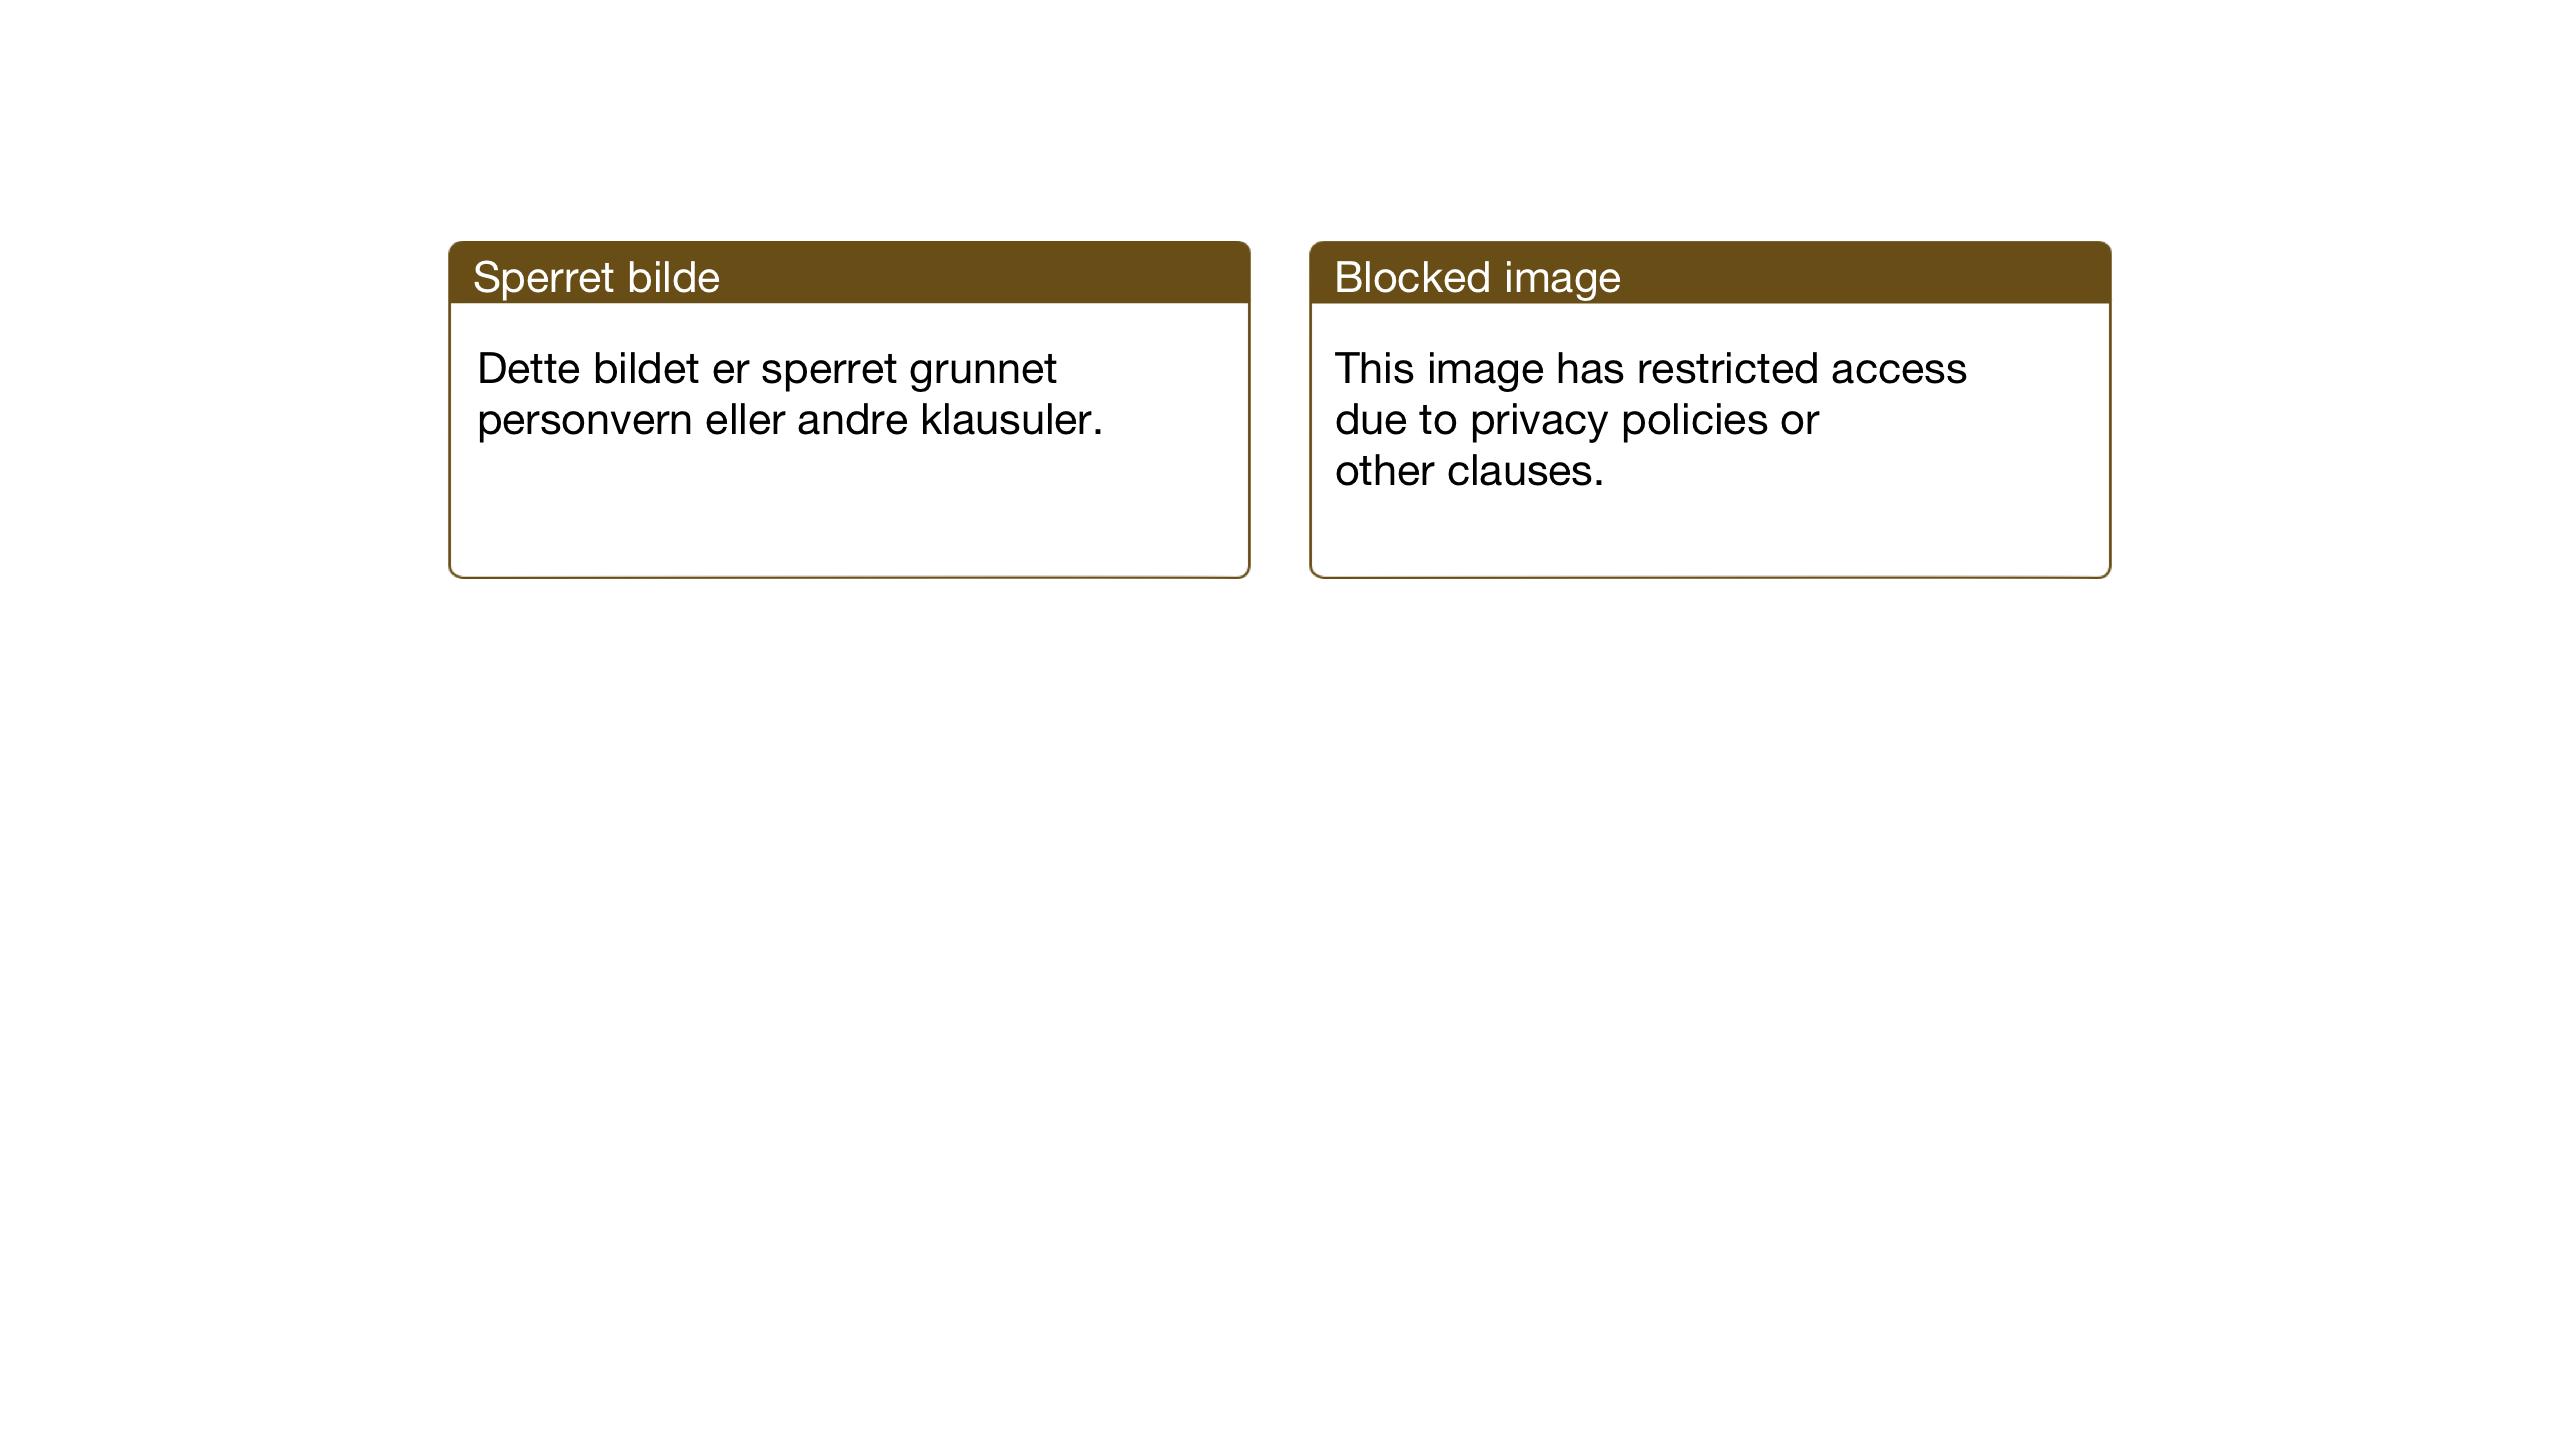 SAT, Ministerialprotokoller, klokkerbøker og fødselsregistre - Nord-Trøndelag, 720/L0193: Klokkerbok nr. 720C02, 1918-1941, s. 40